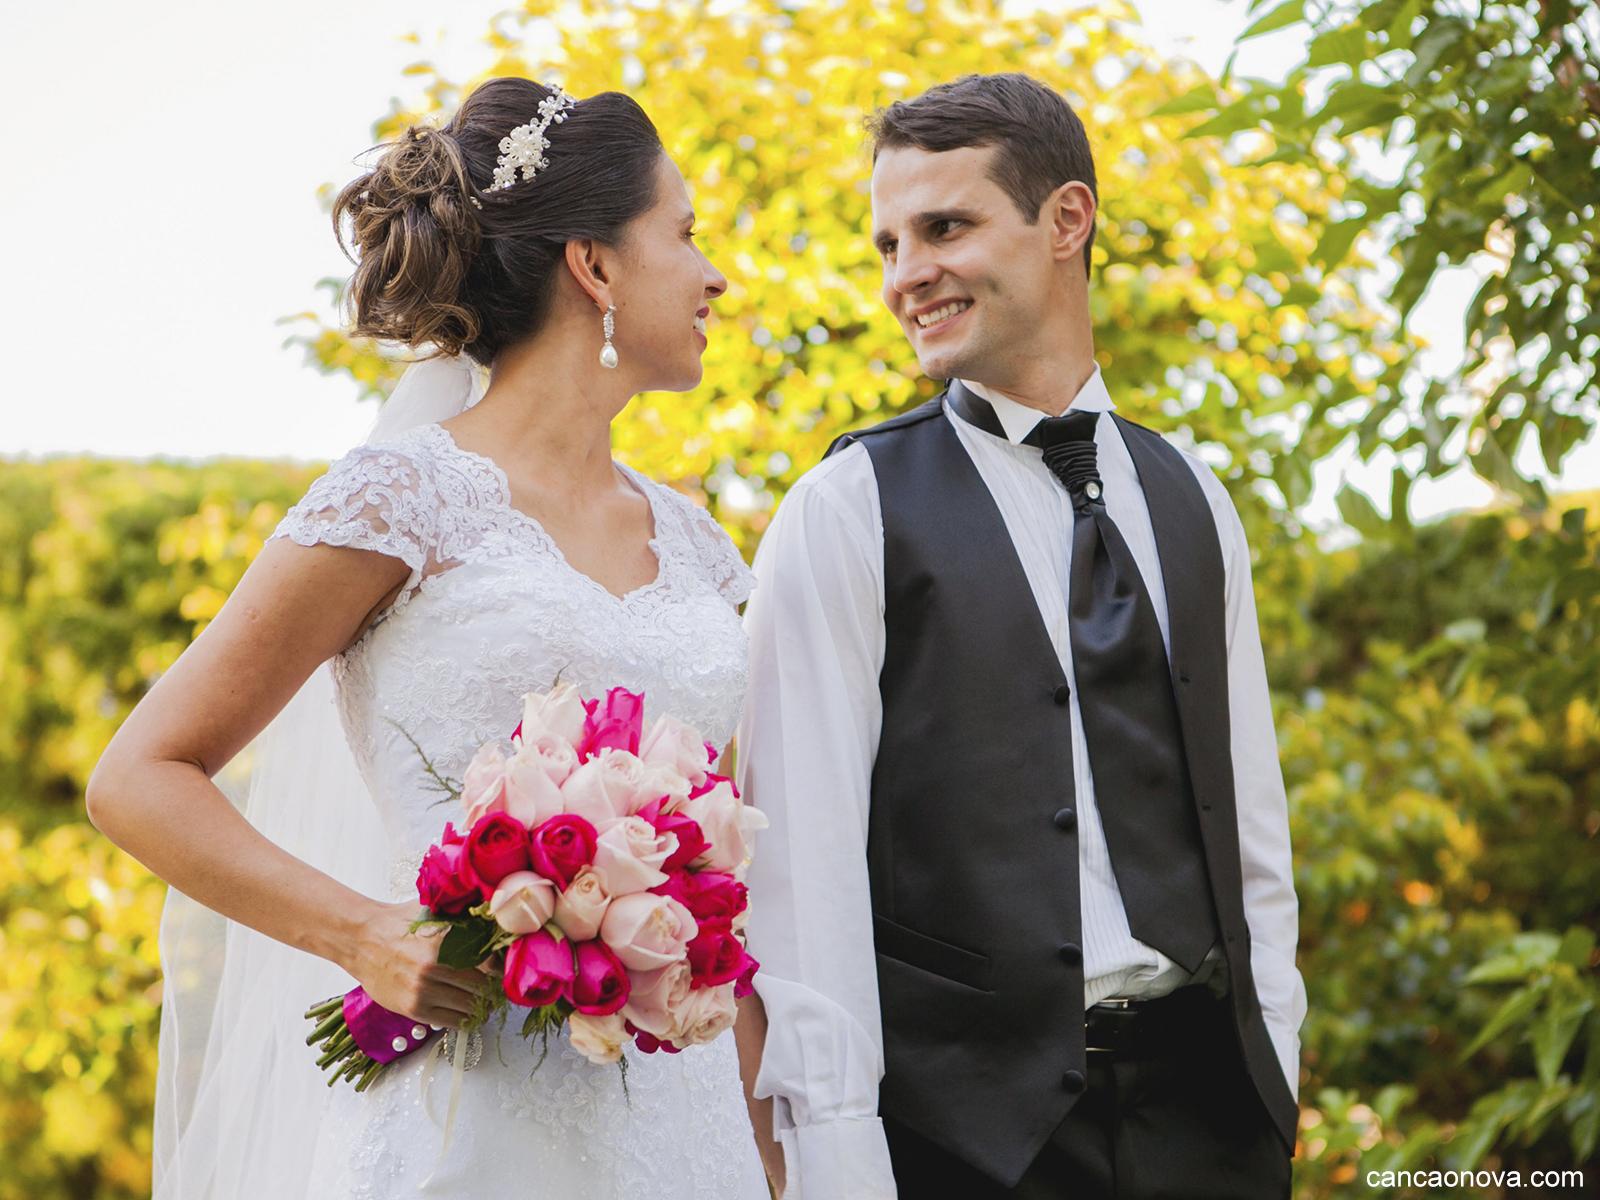 O que os noivos precisam saber antes de casar